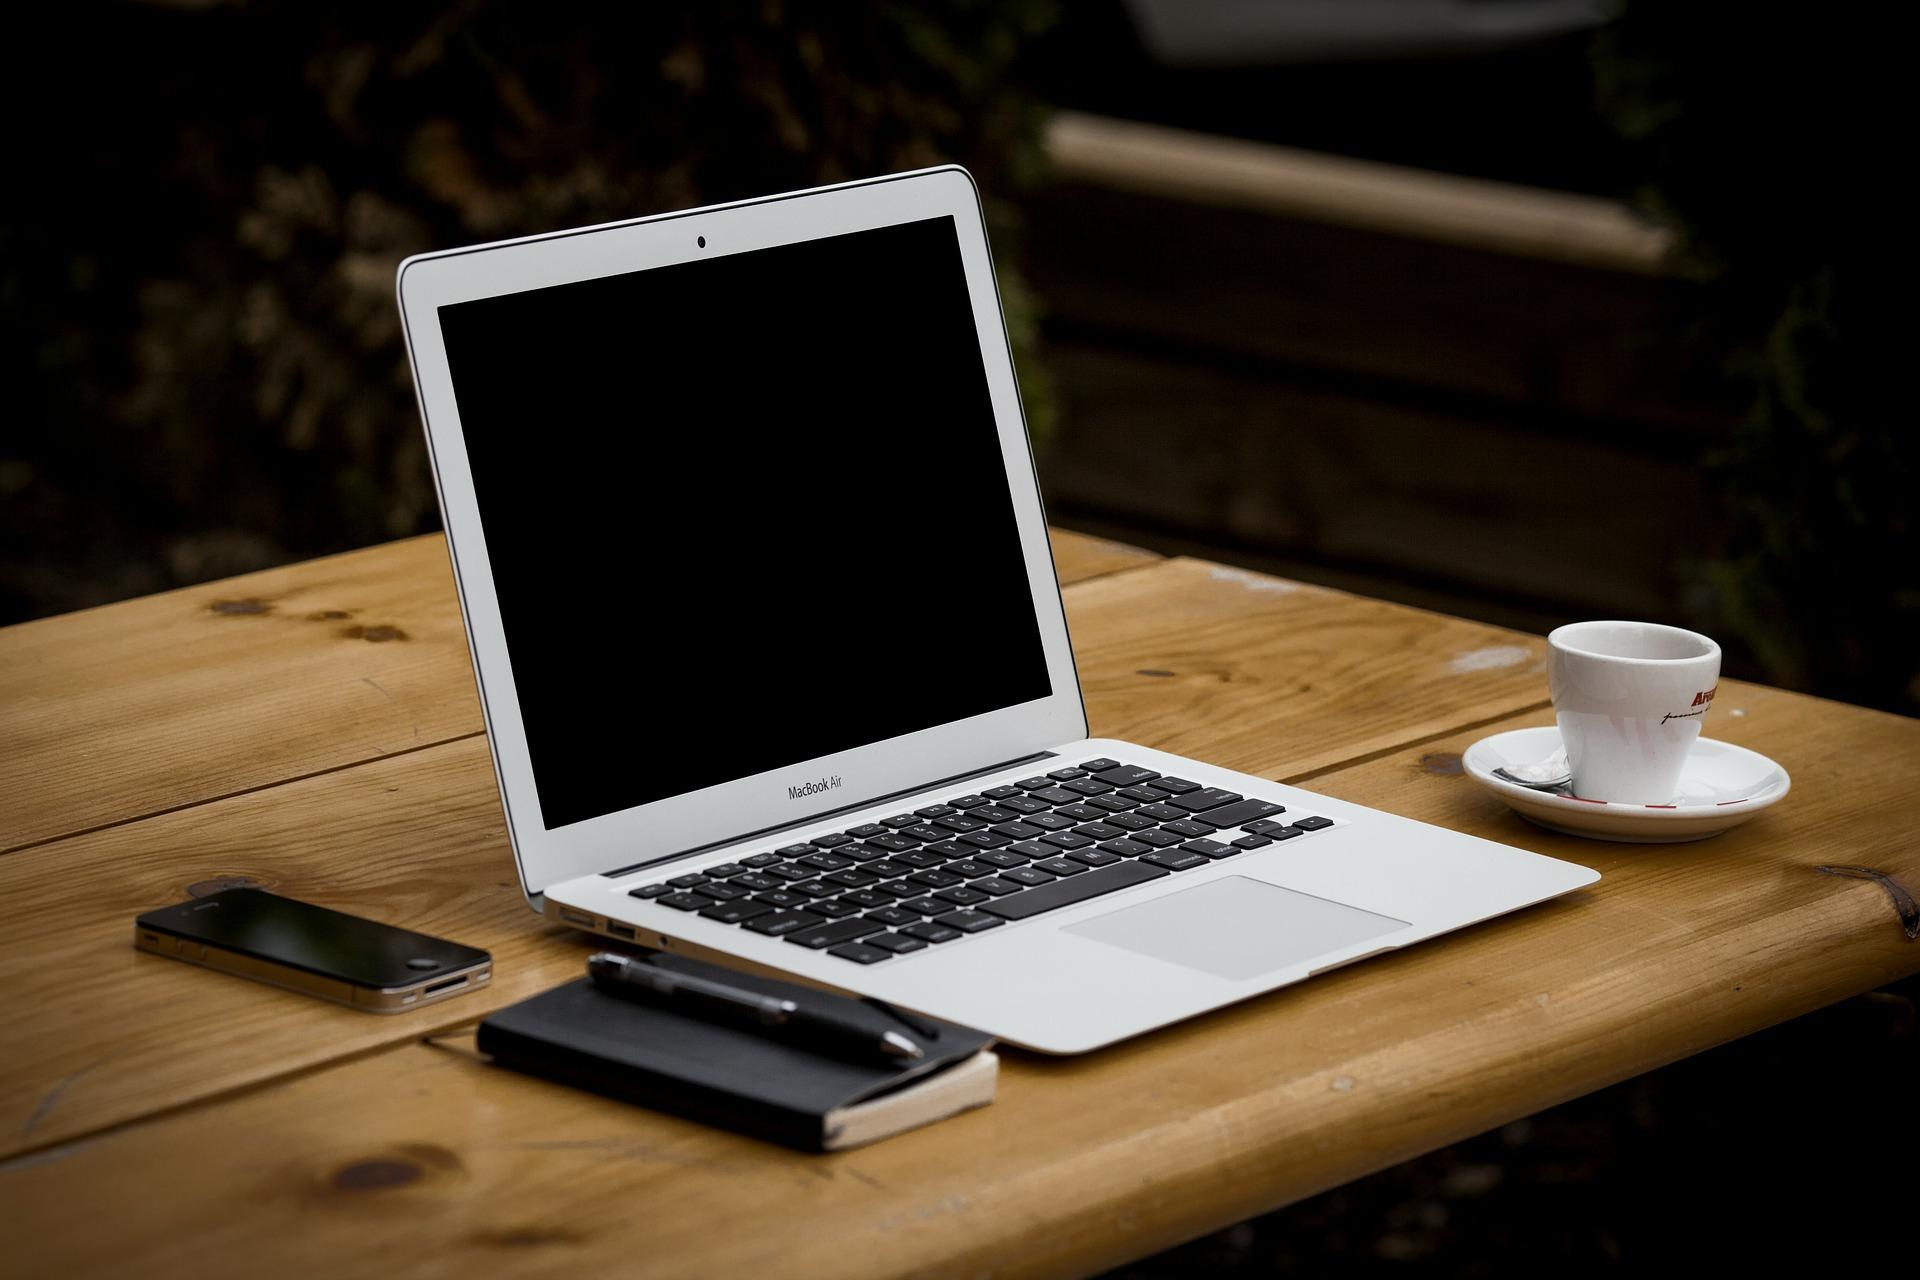 Laptop zum Bloggen auf einem Tisch nebst Kaffeetasse, Smartphone und Block mit Stift